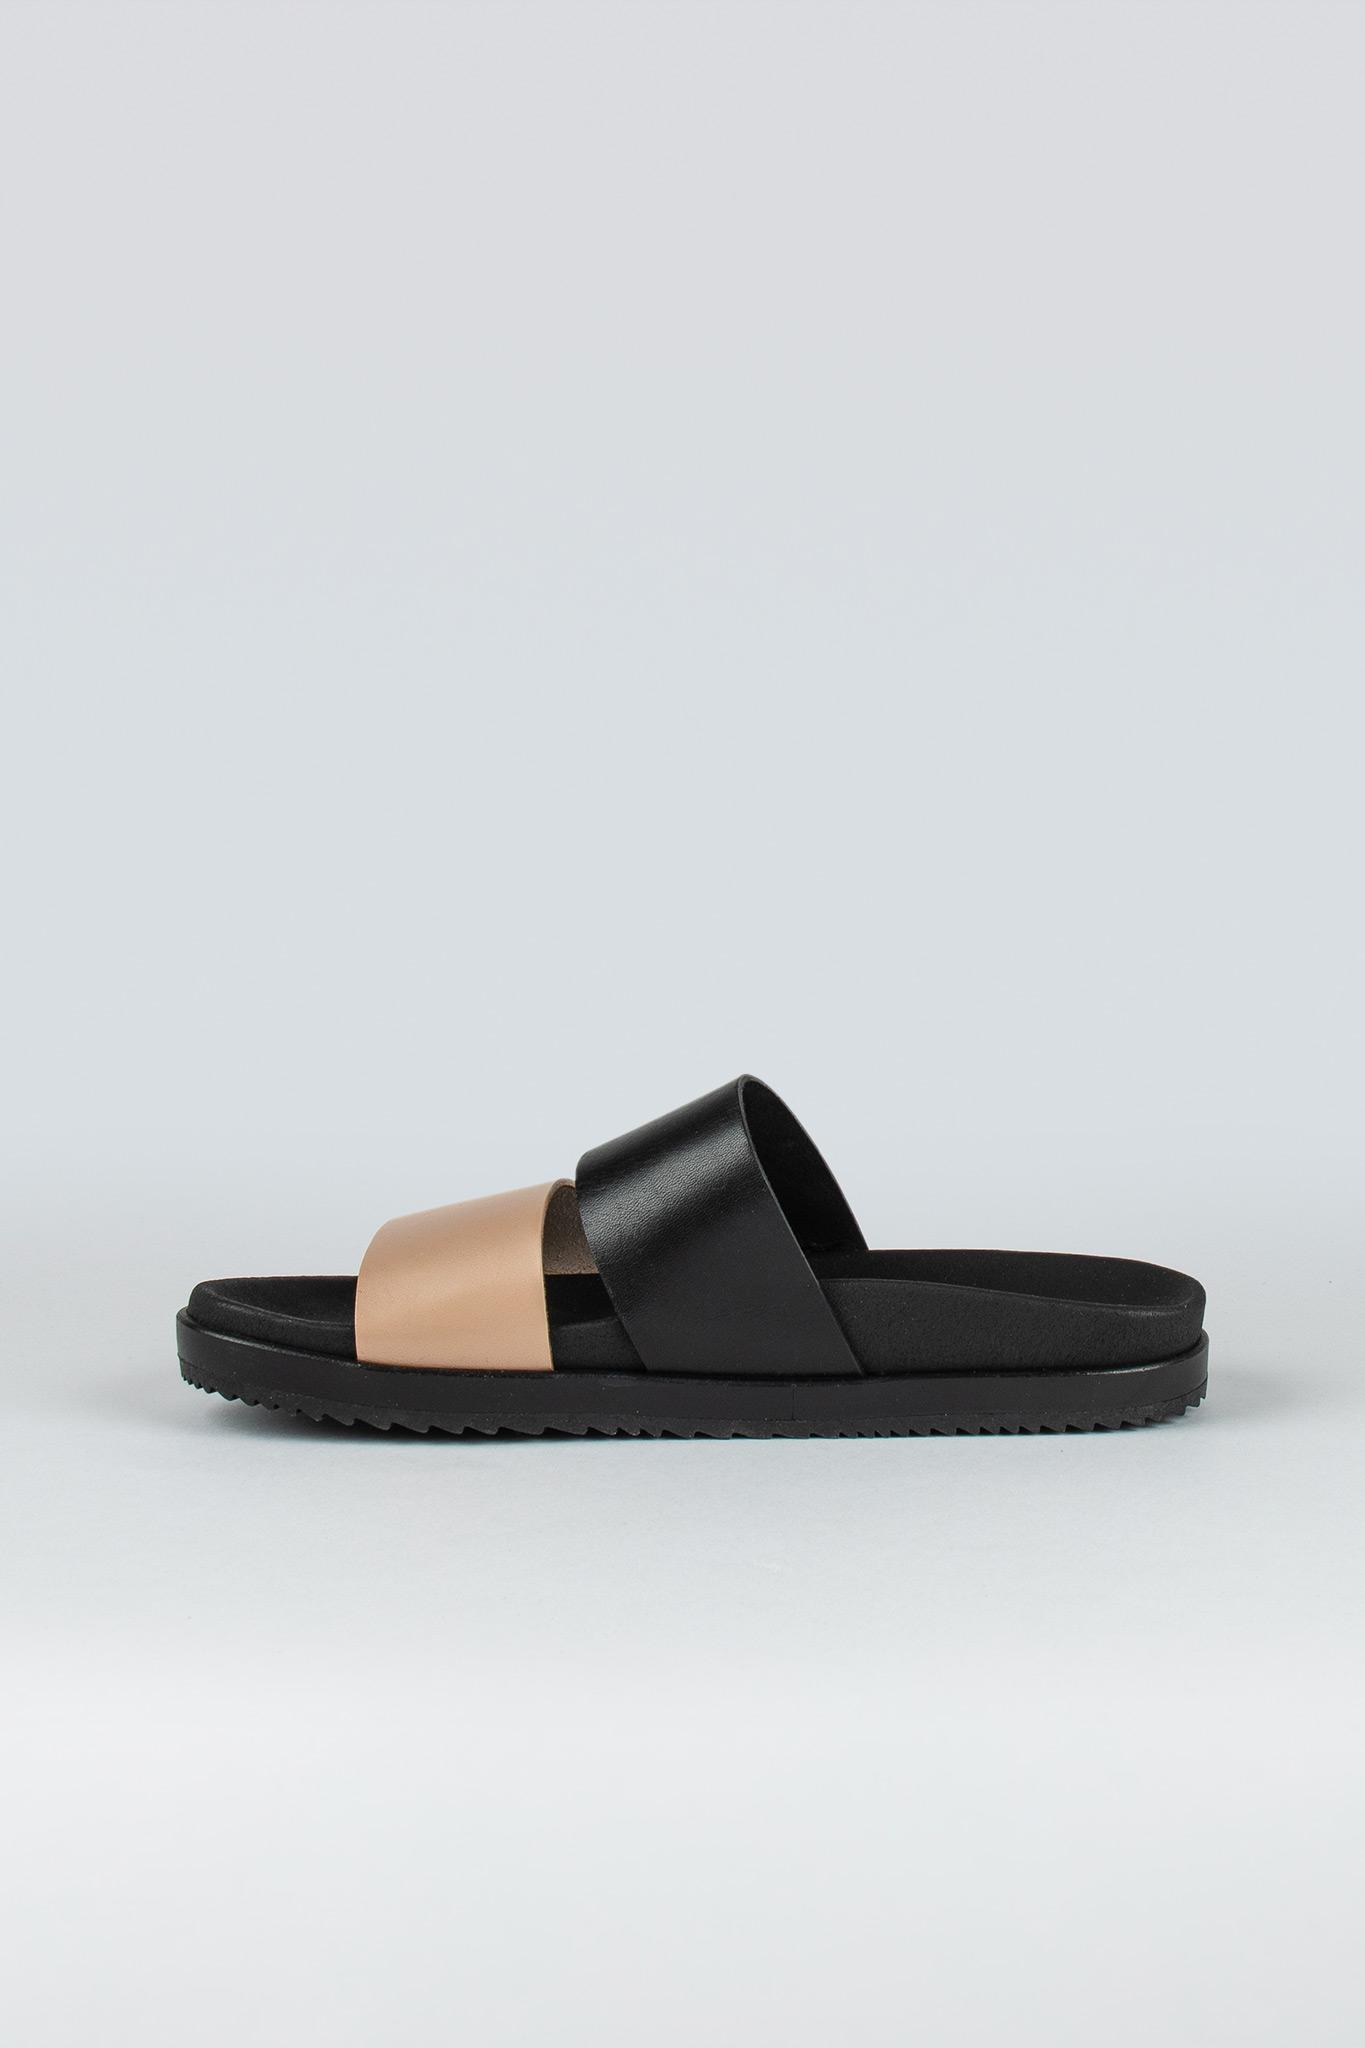 Strap W Black/Nude